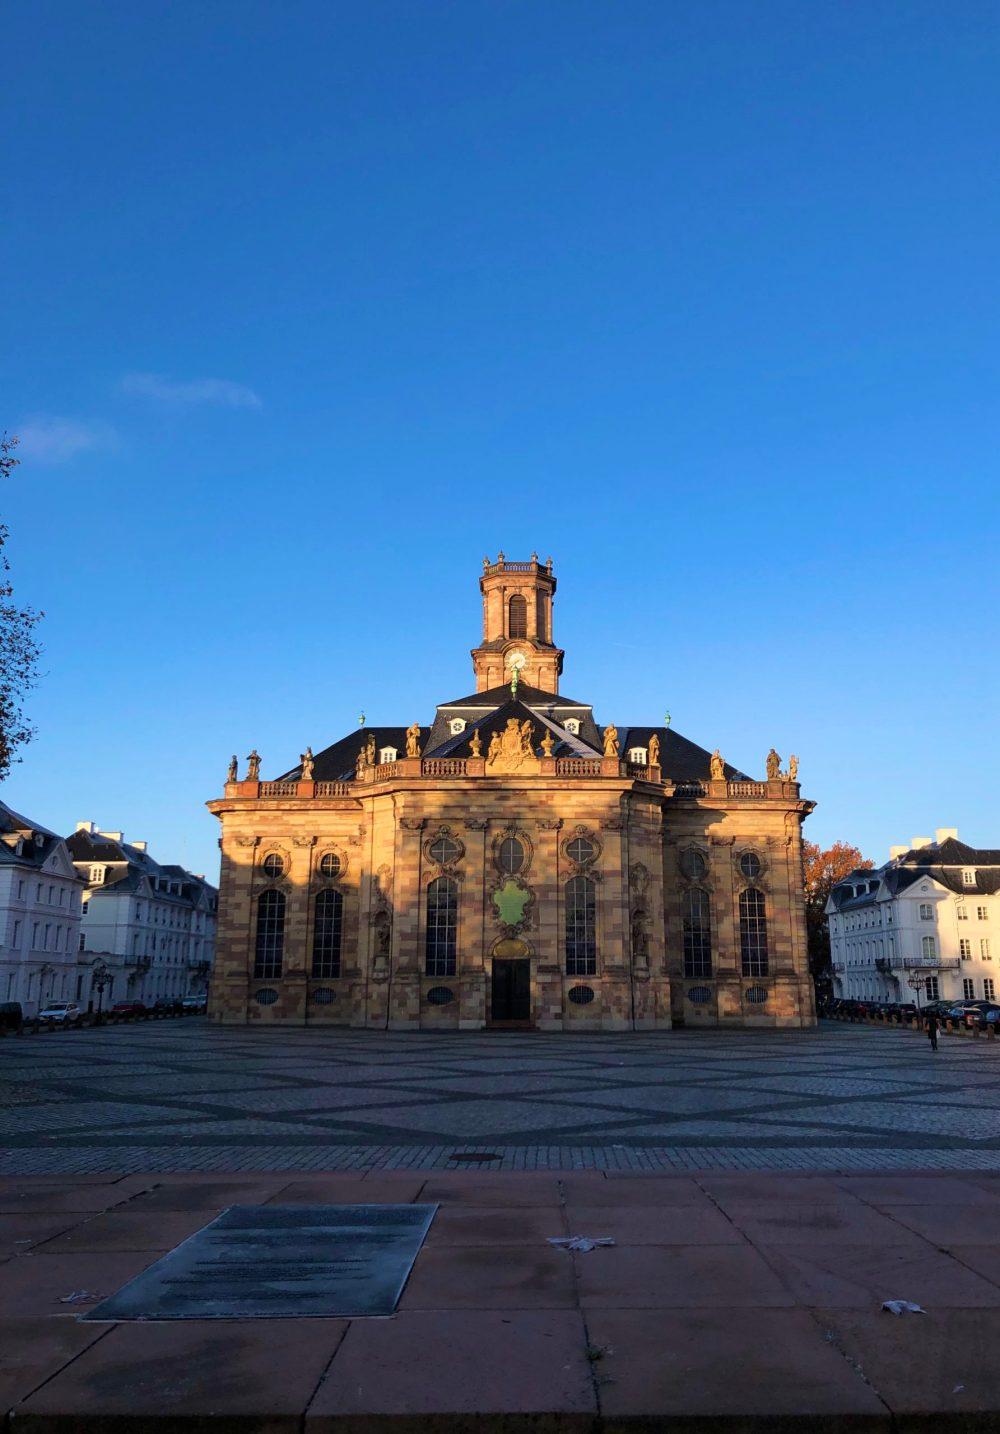 Von der Sonne angestrahlte Ludwigskirche am Morgen